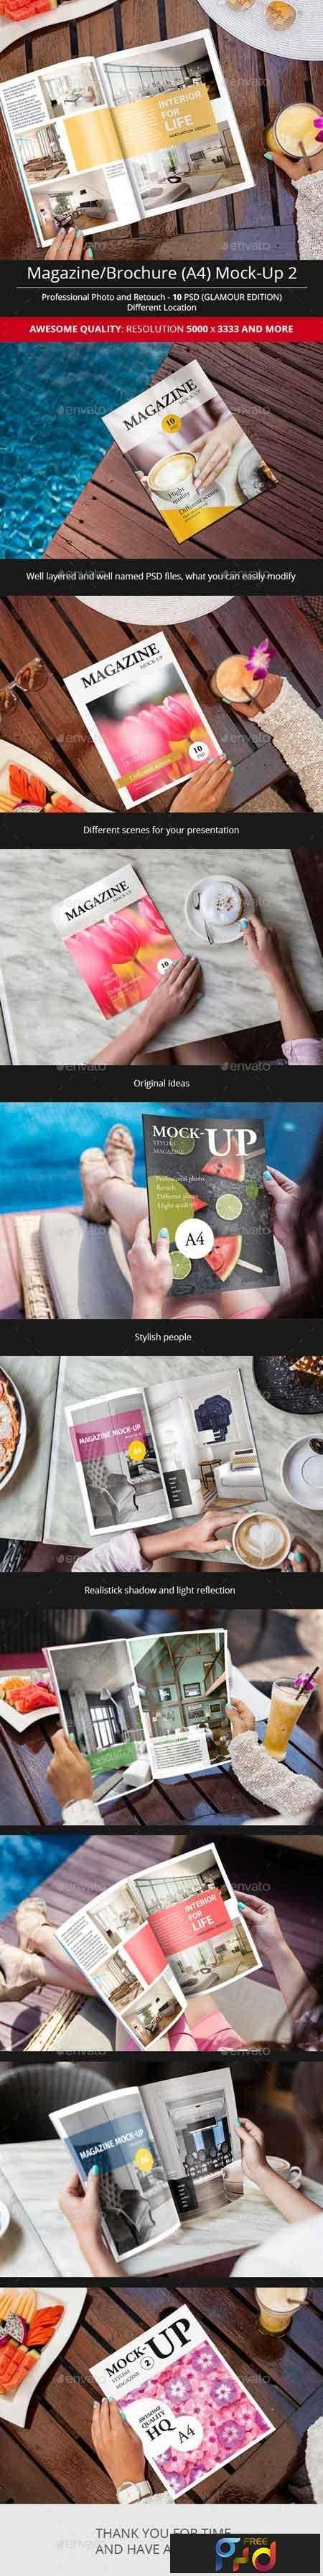 1809274 Magazine Mock-Up Glamour Edition 15930738 1